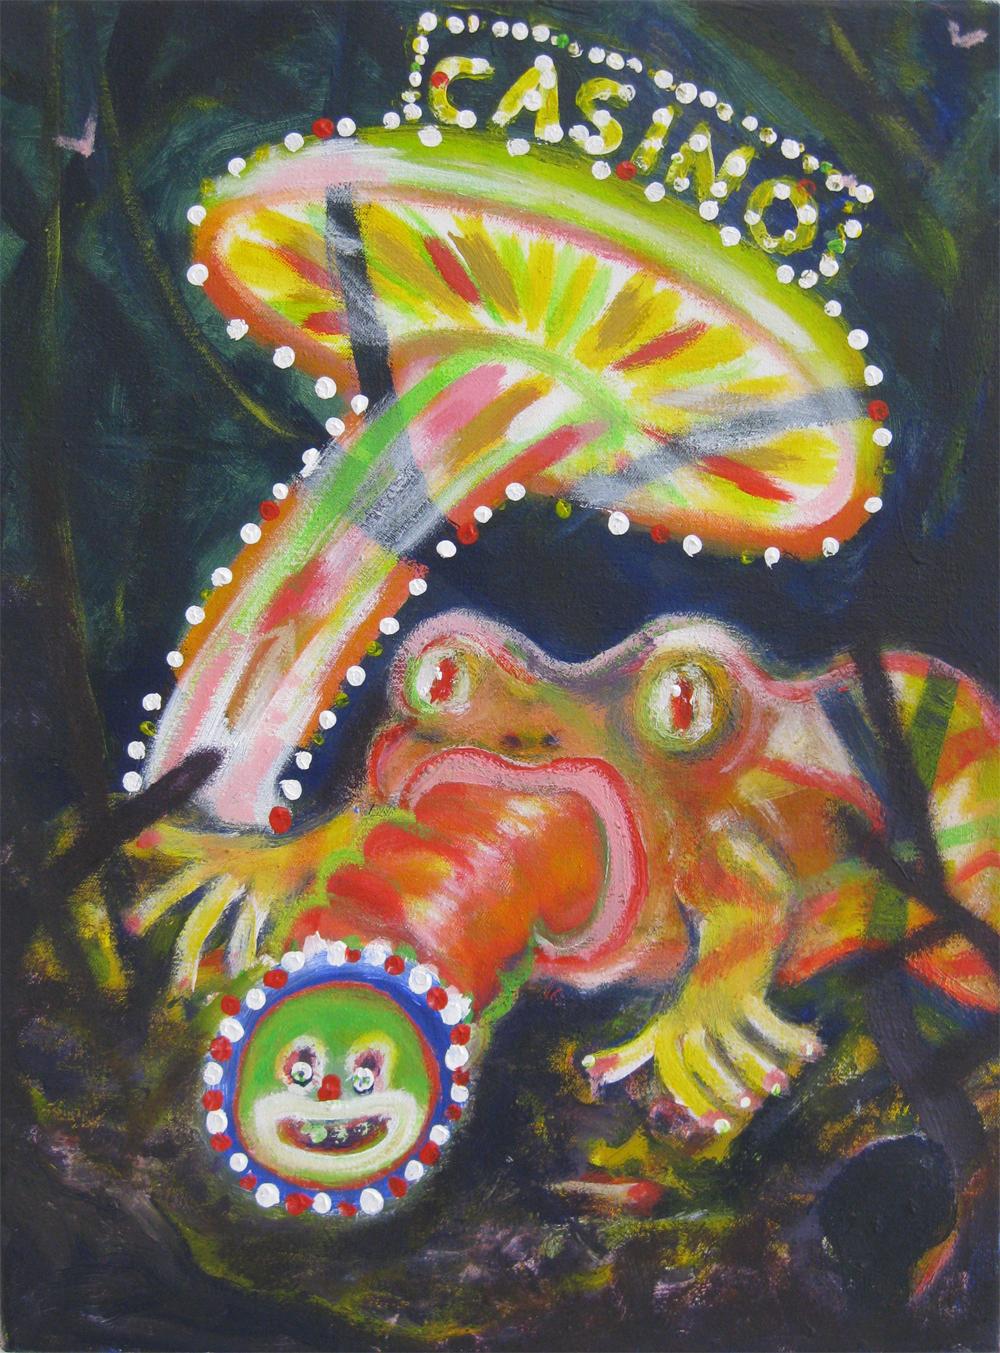 Casino / Das ganze Leben ist ein Spiel 30 x 40 Acryl on canvas